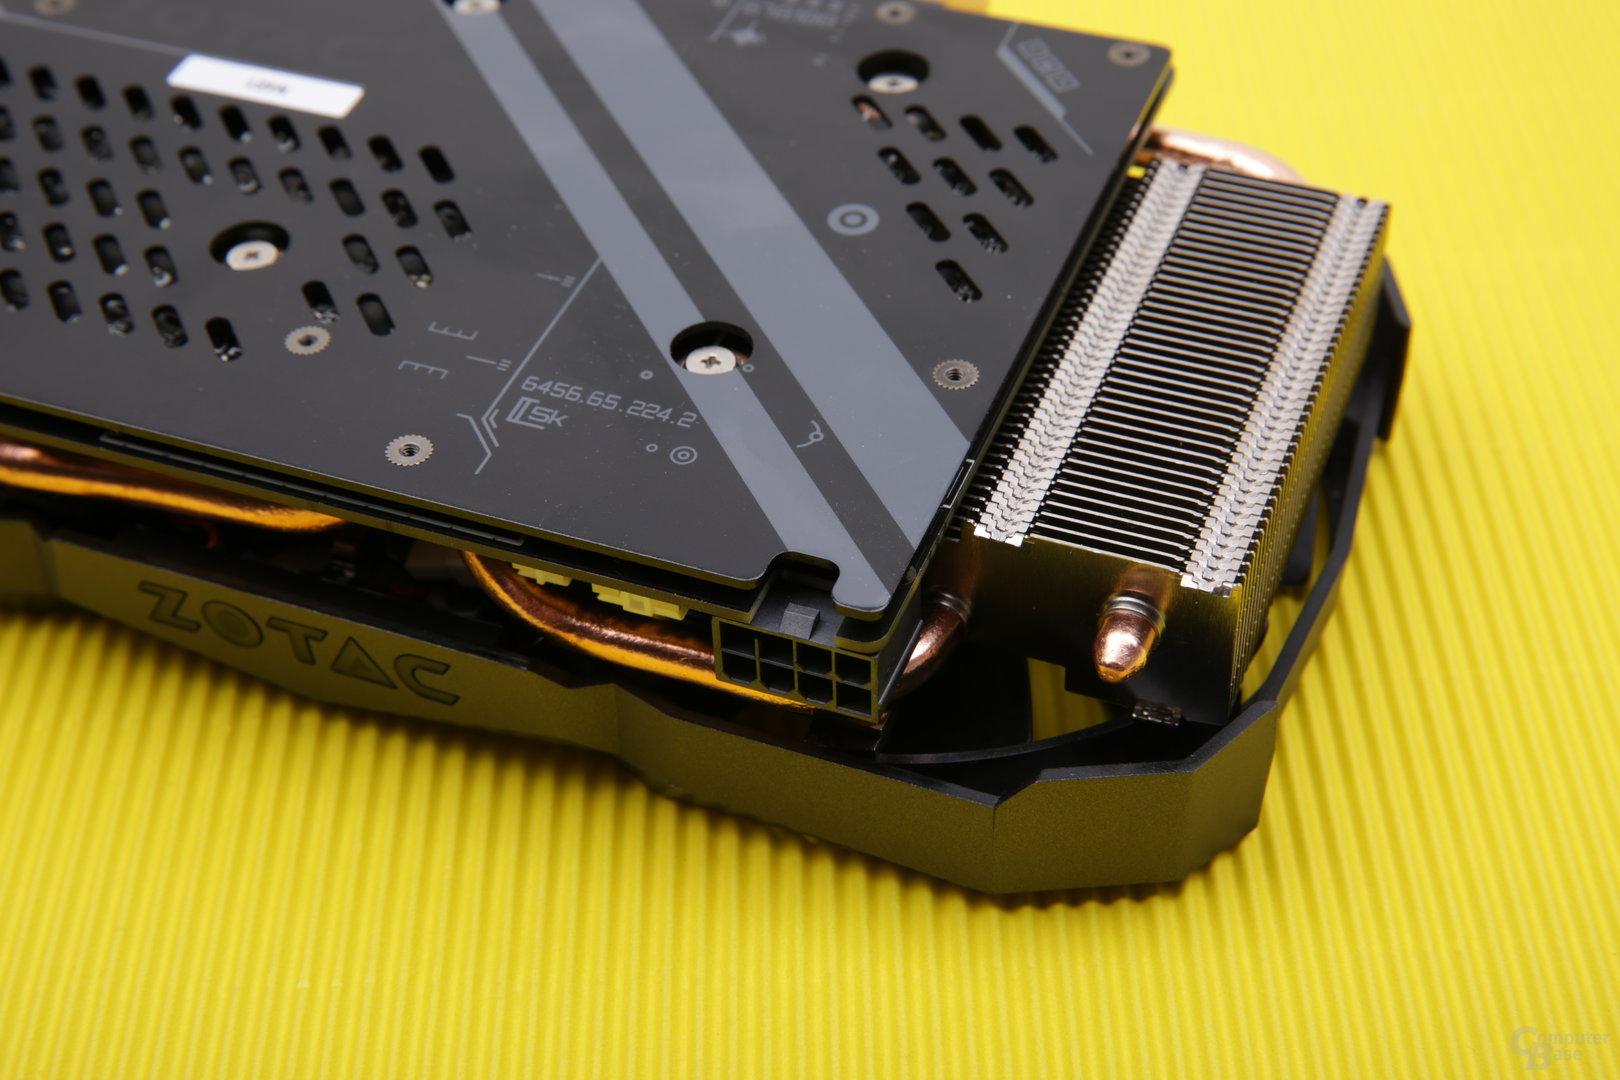 Zotac GeForce GTX 1080 Mini – Stromanschluss